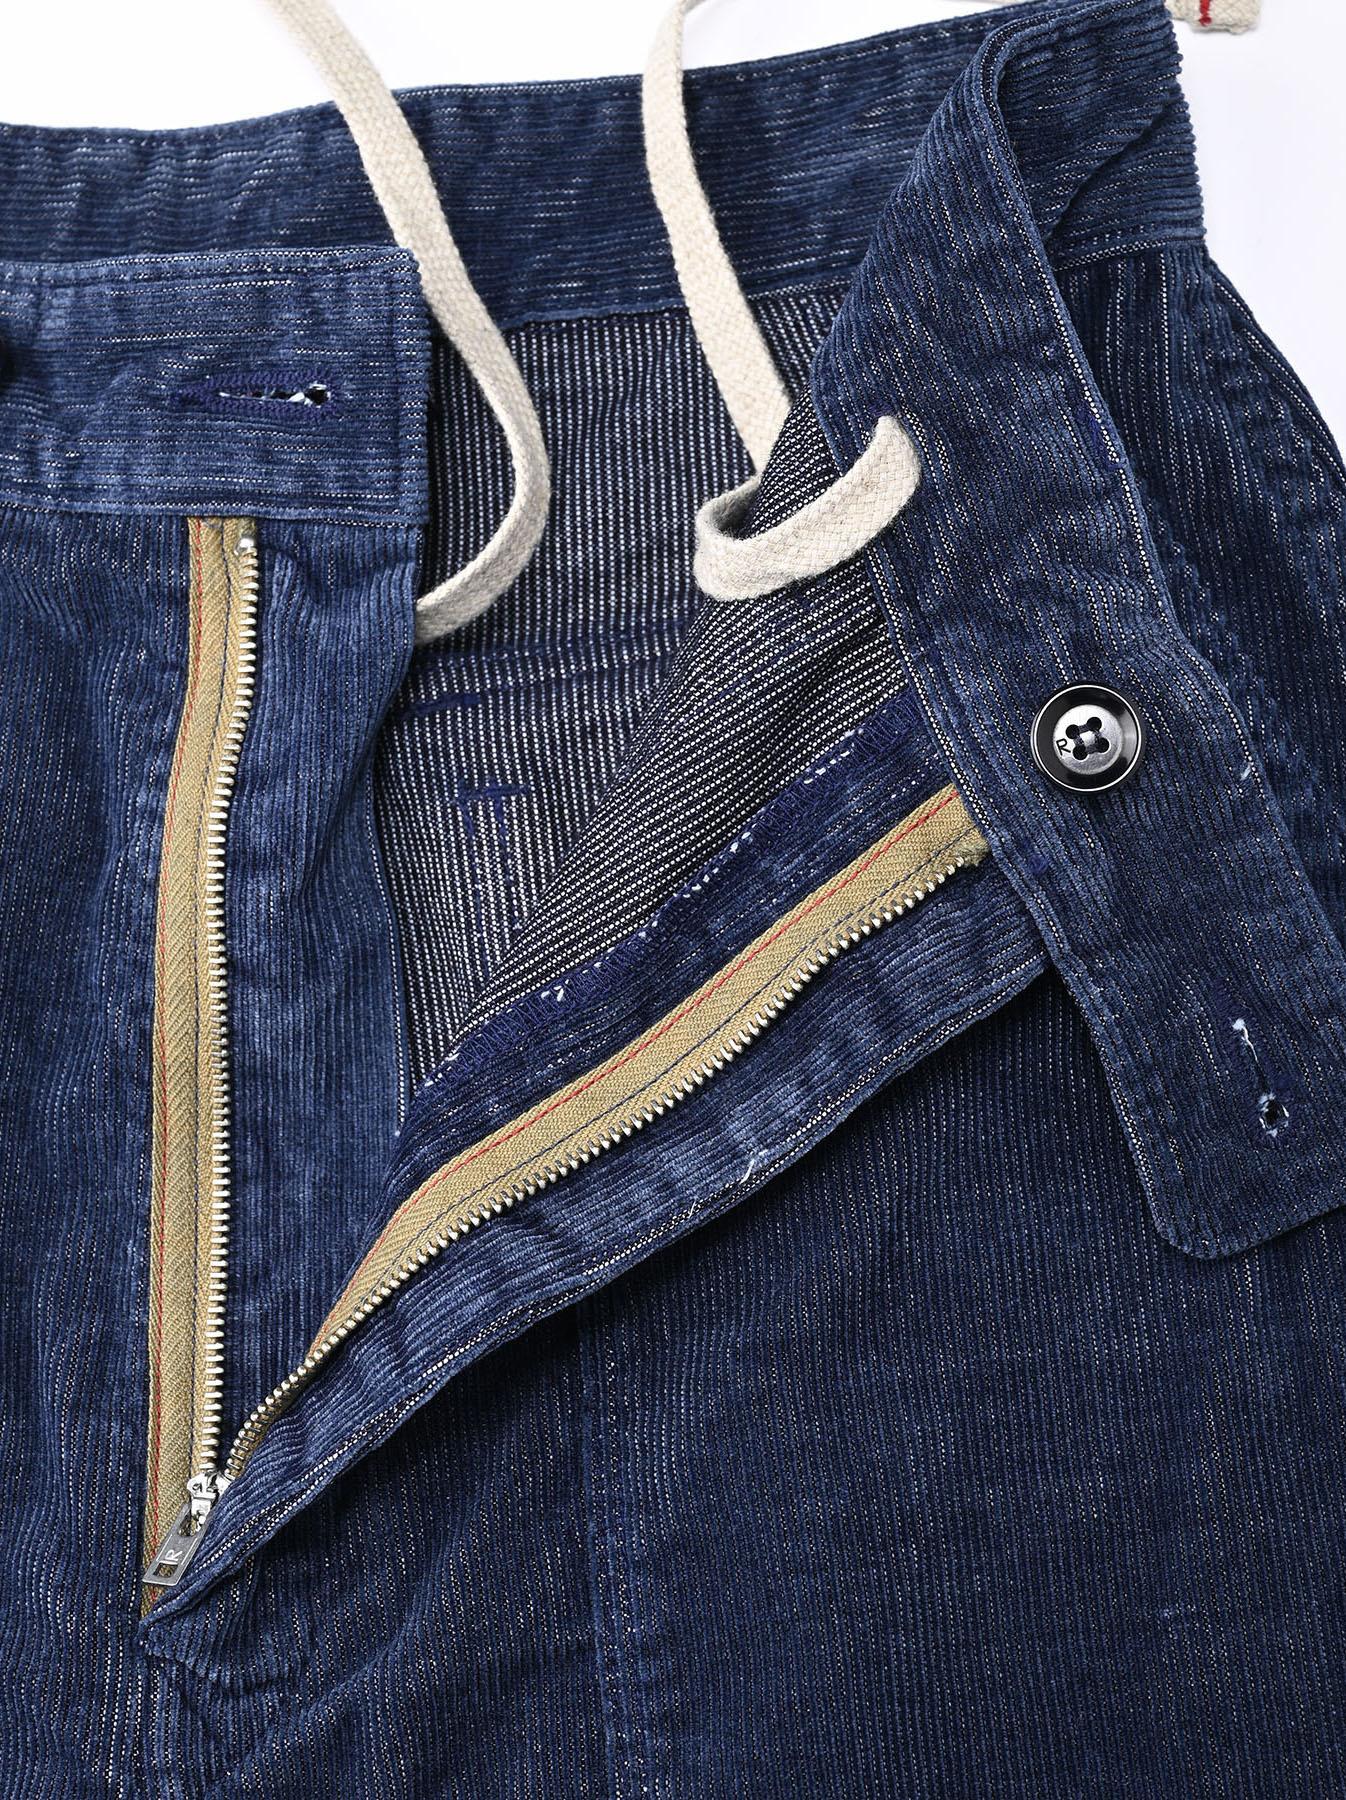 Indigo Corduroy 908 Baker Pants-8